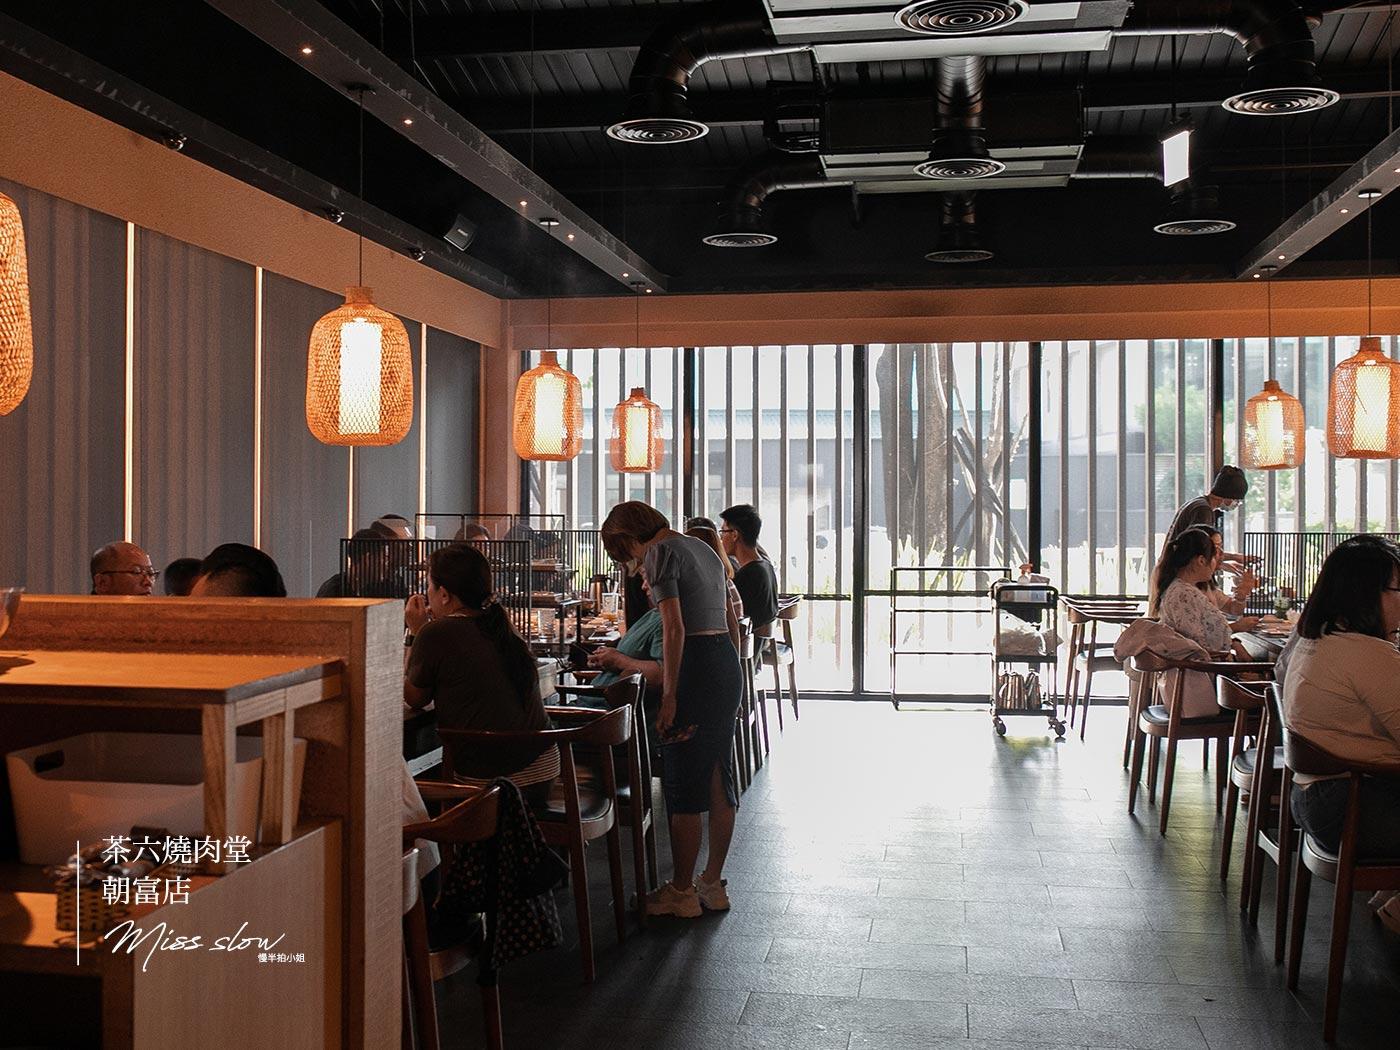 茶六朝富店 座位區